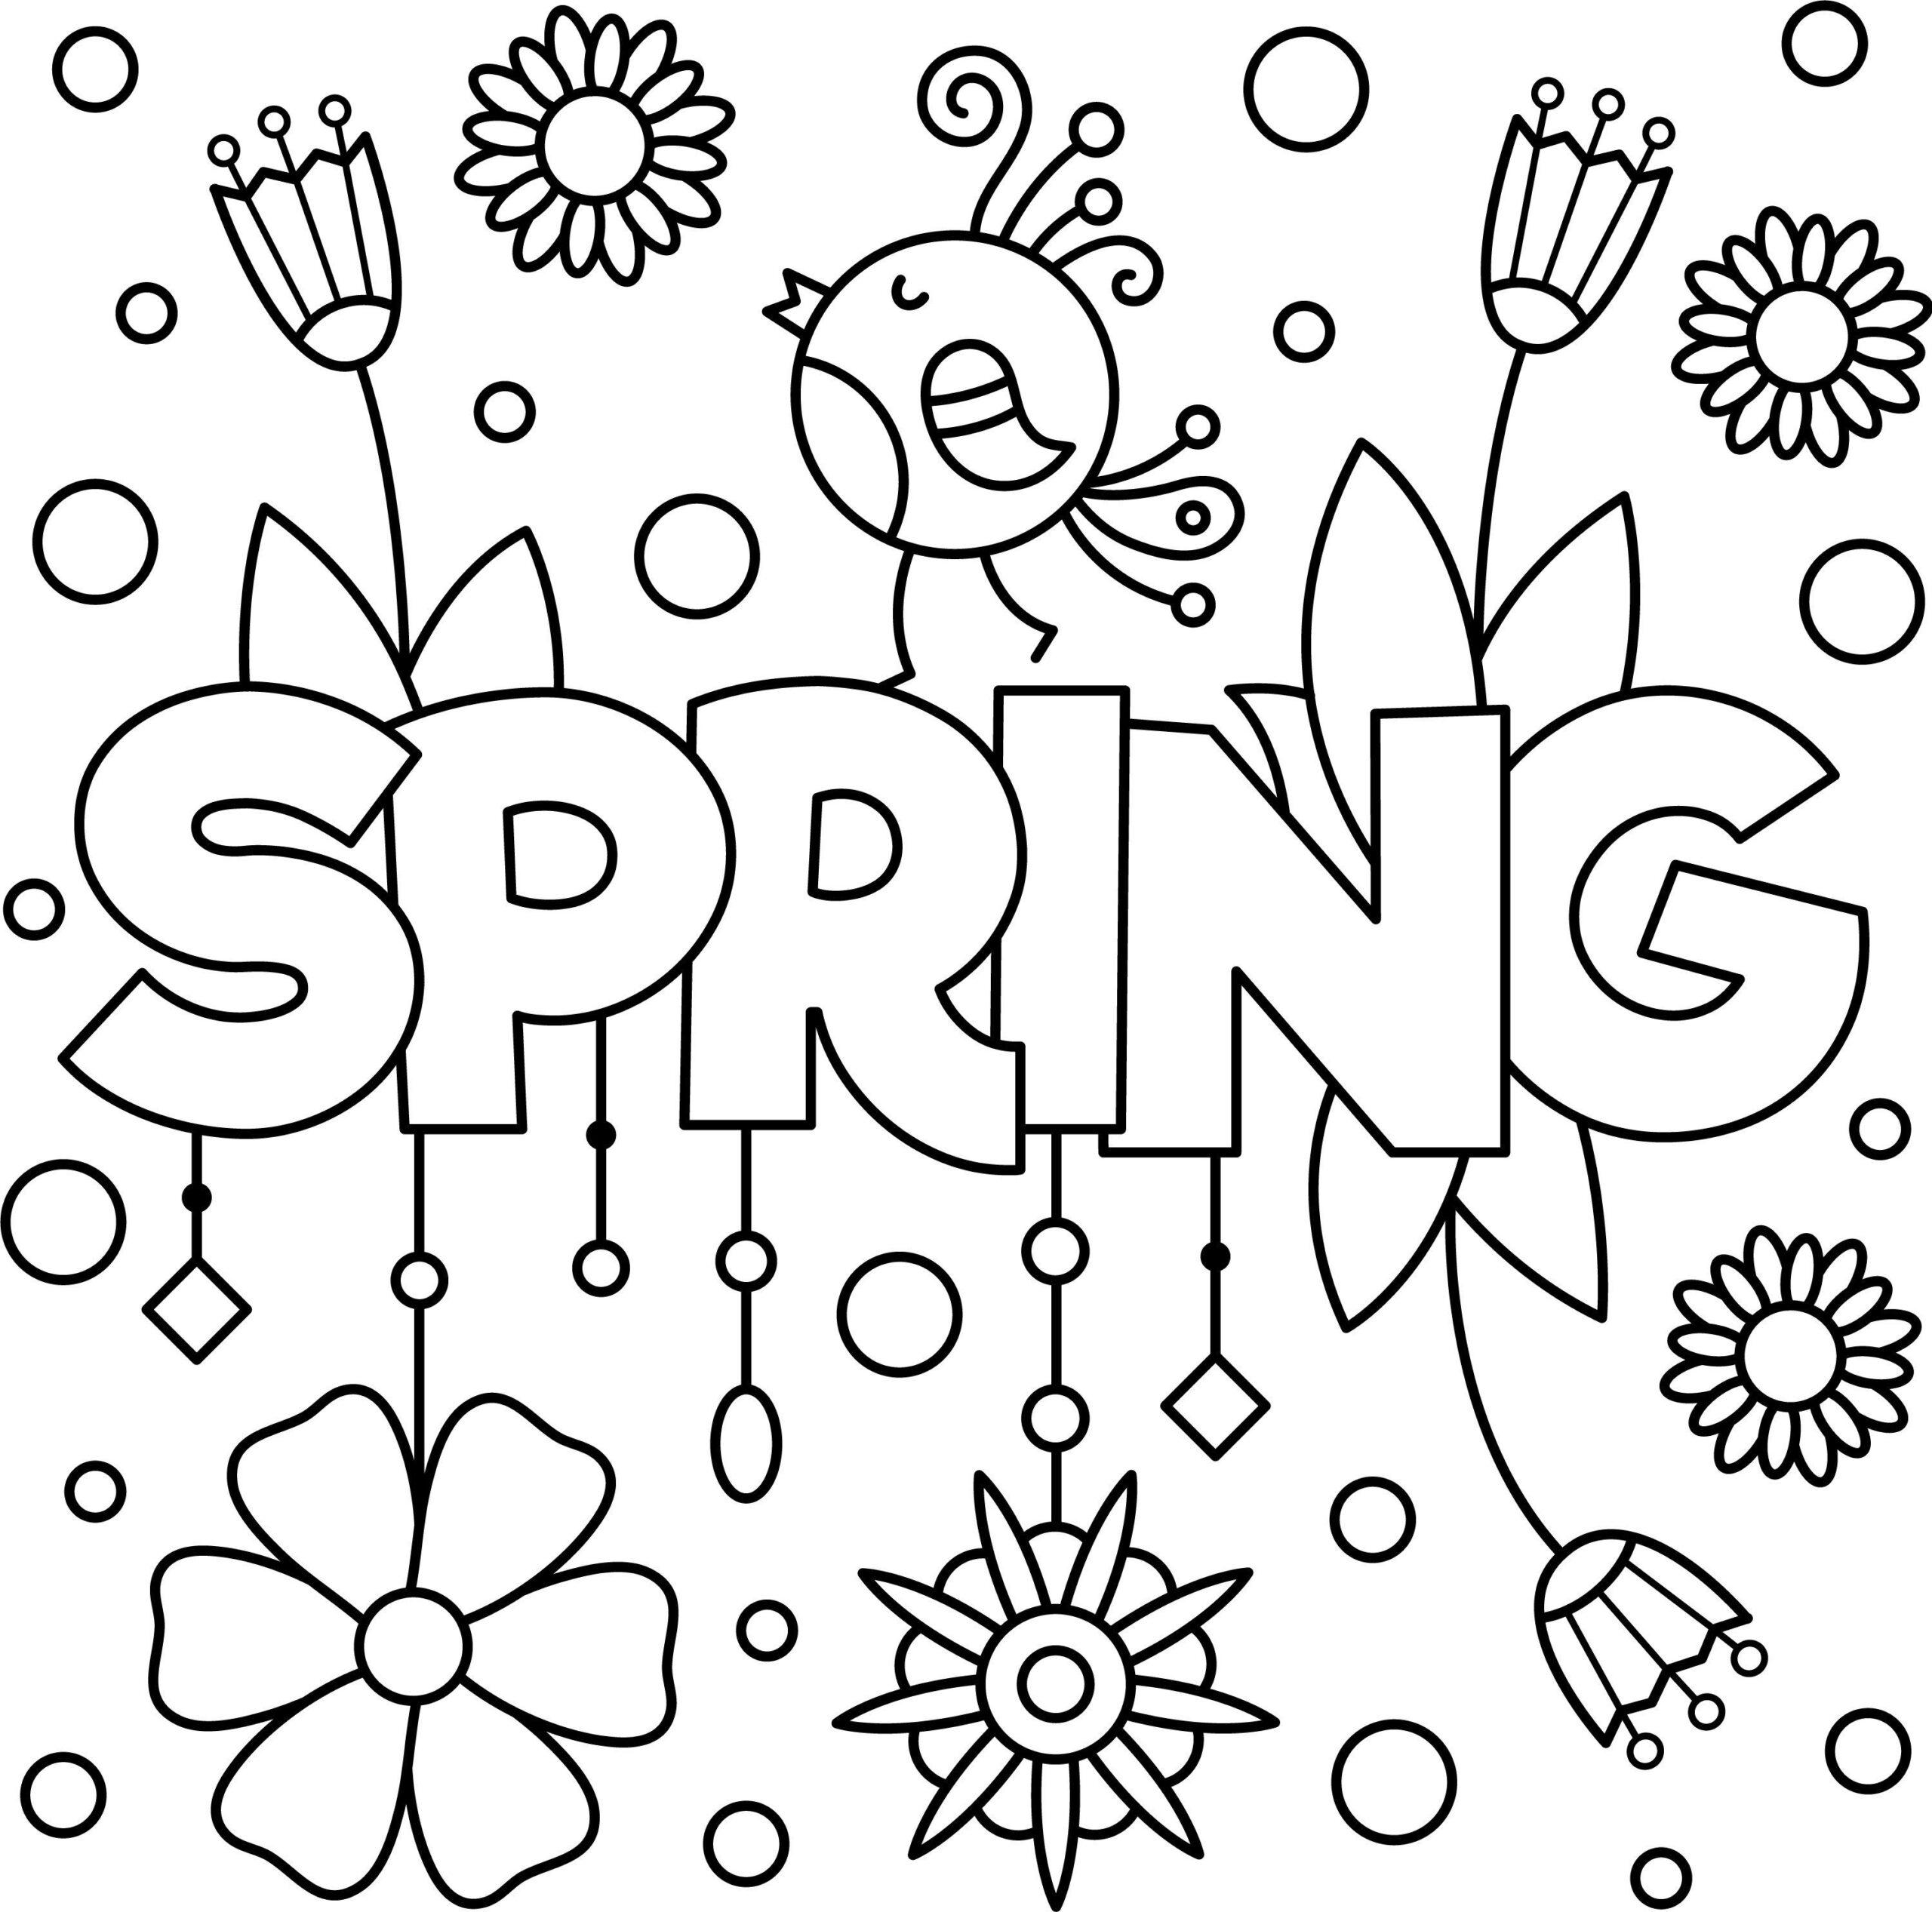 Tranh tô màu mùa xuân đơn giản